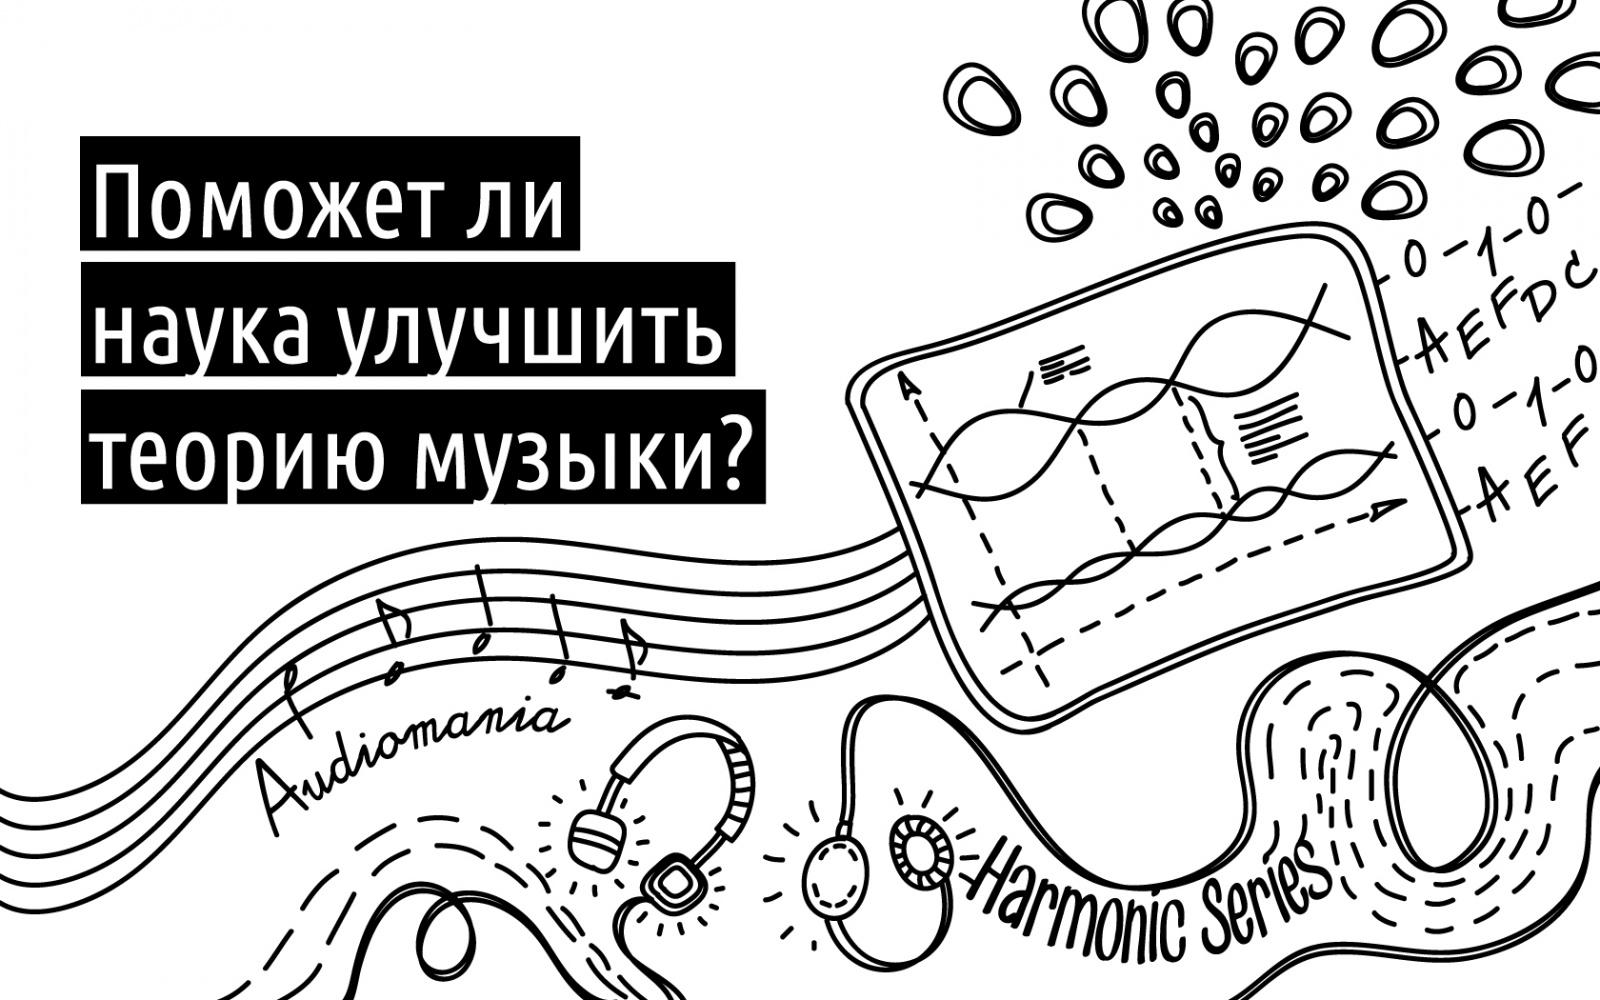 Поможет ли наука улучшить теорию музыки? - 1